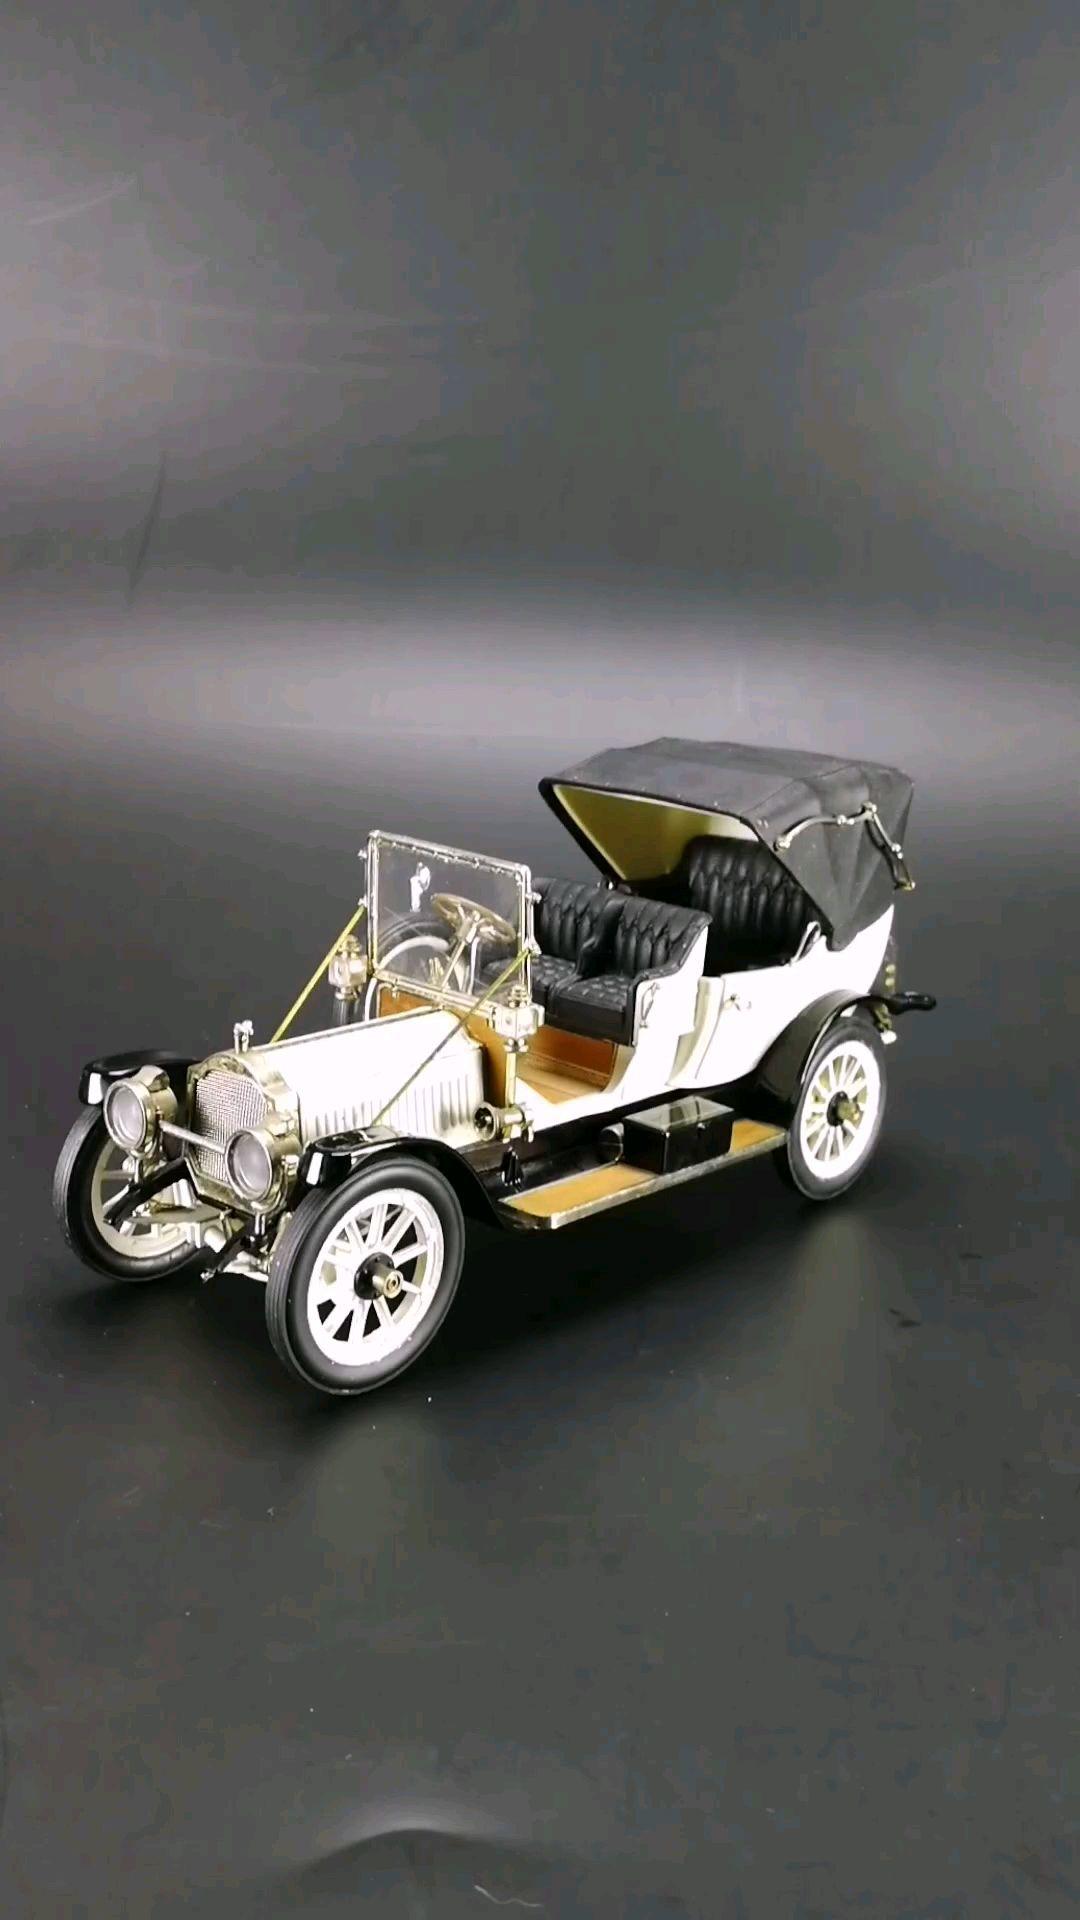 1912美国柏加维多利亚轿车。1:24比例,东晓汽车模型收藏馆藏品。